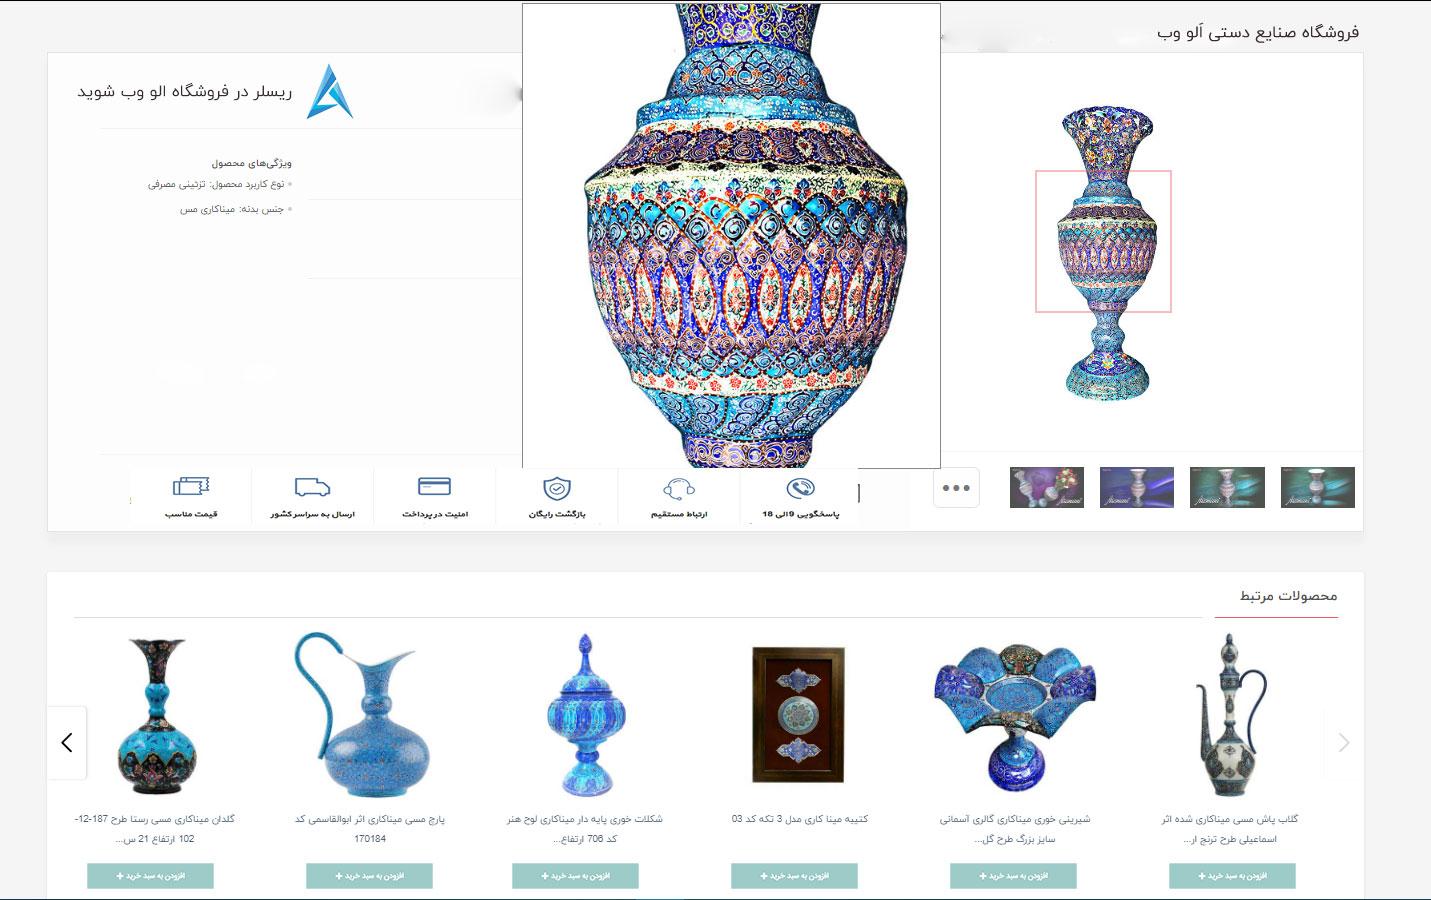 فروشگاه-مینا-کاری-در-اصفهان